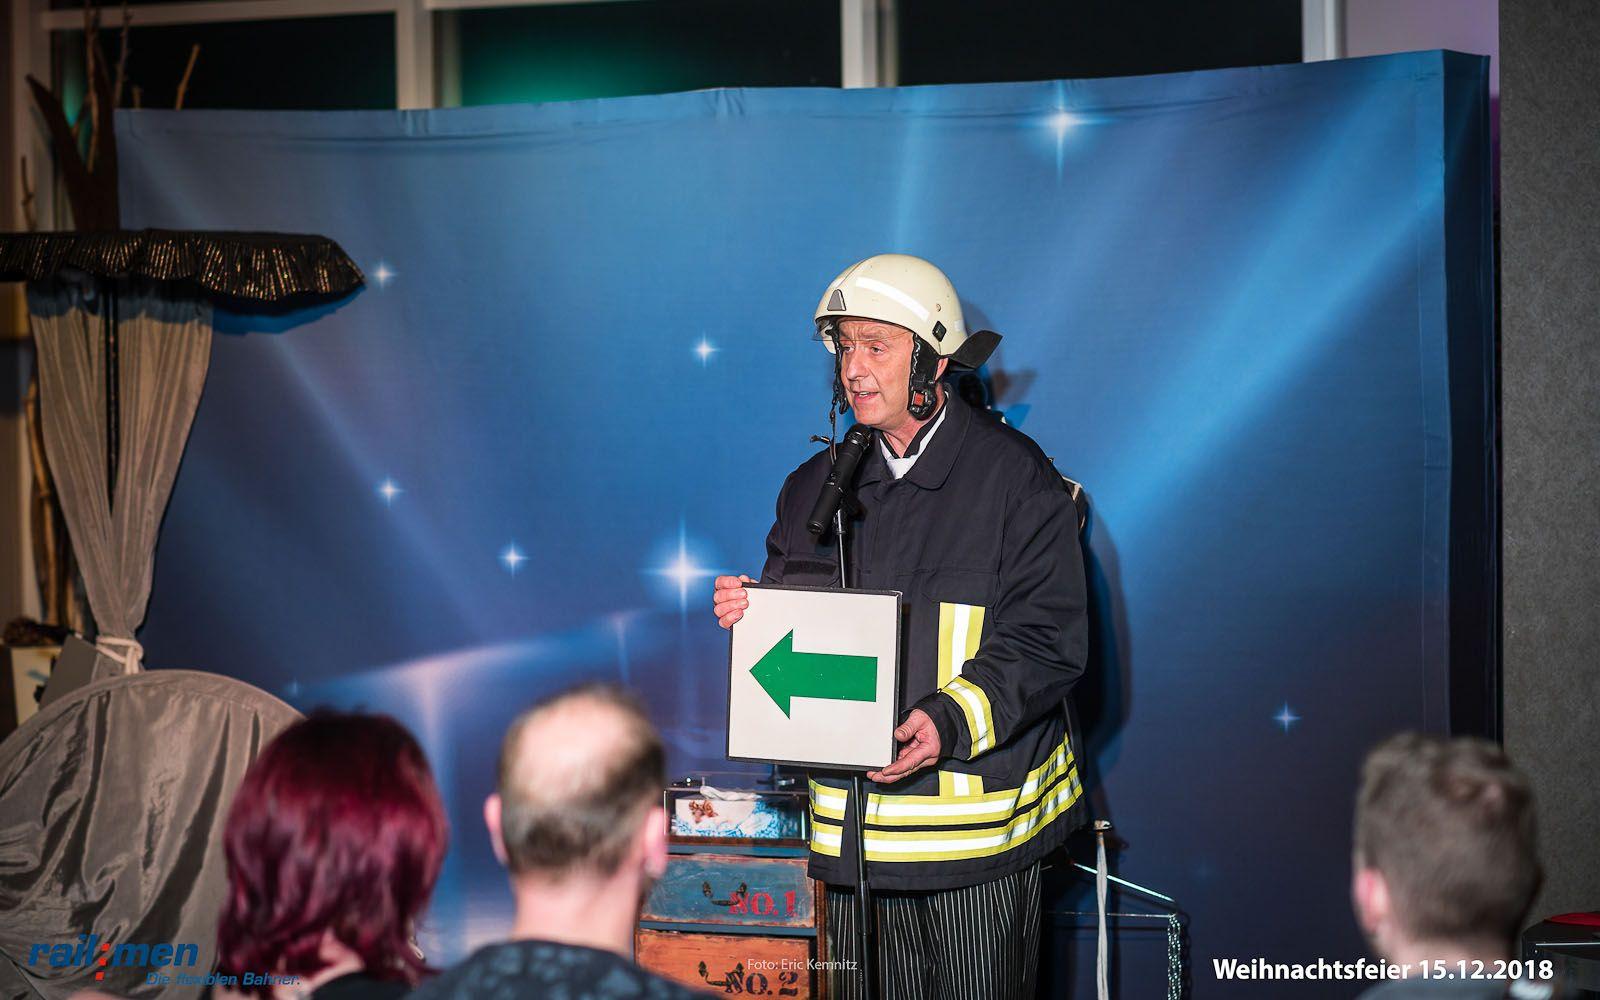 Kabarett-Akt zur Railmen Weihnachtsfeier 2018 mit Feuerwehrmann